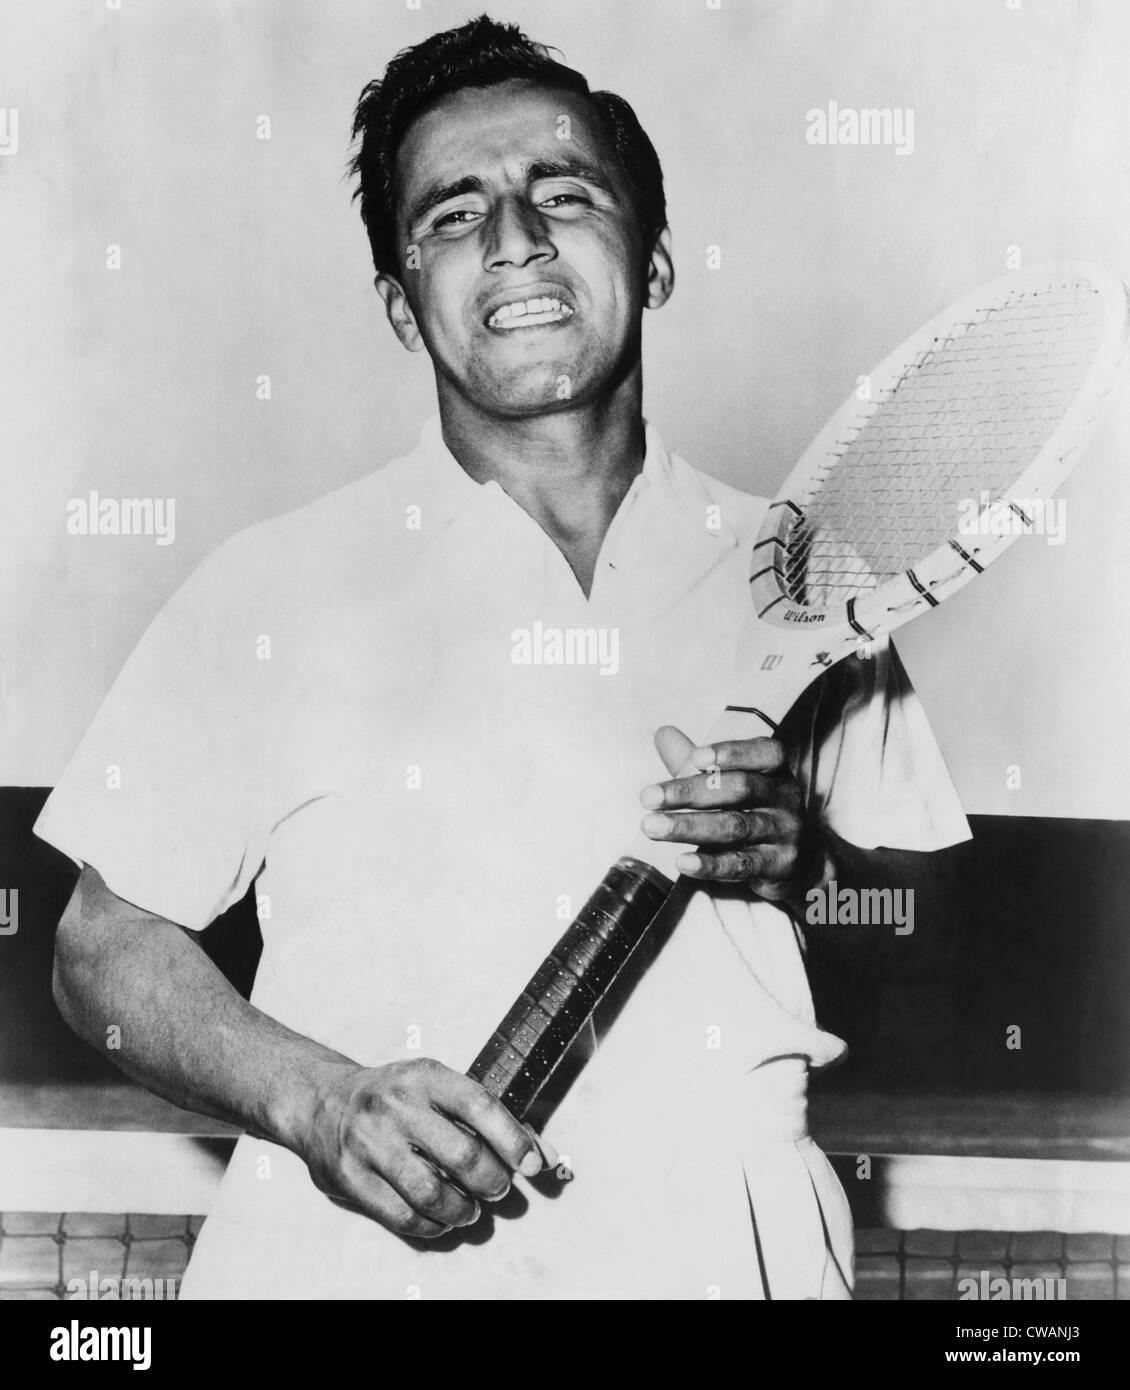 Pancho Segura Ecuadorian and American tennis player circa 1951